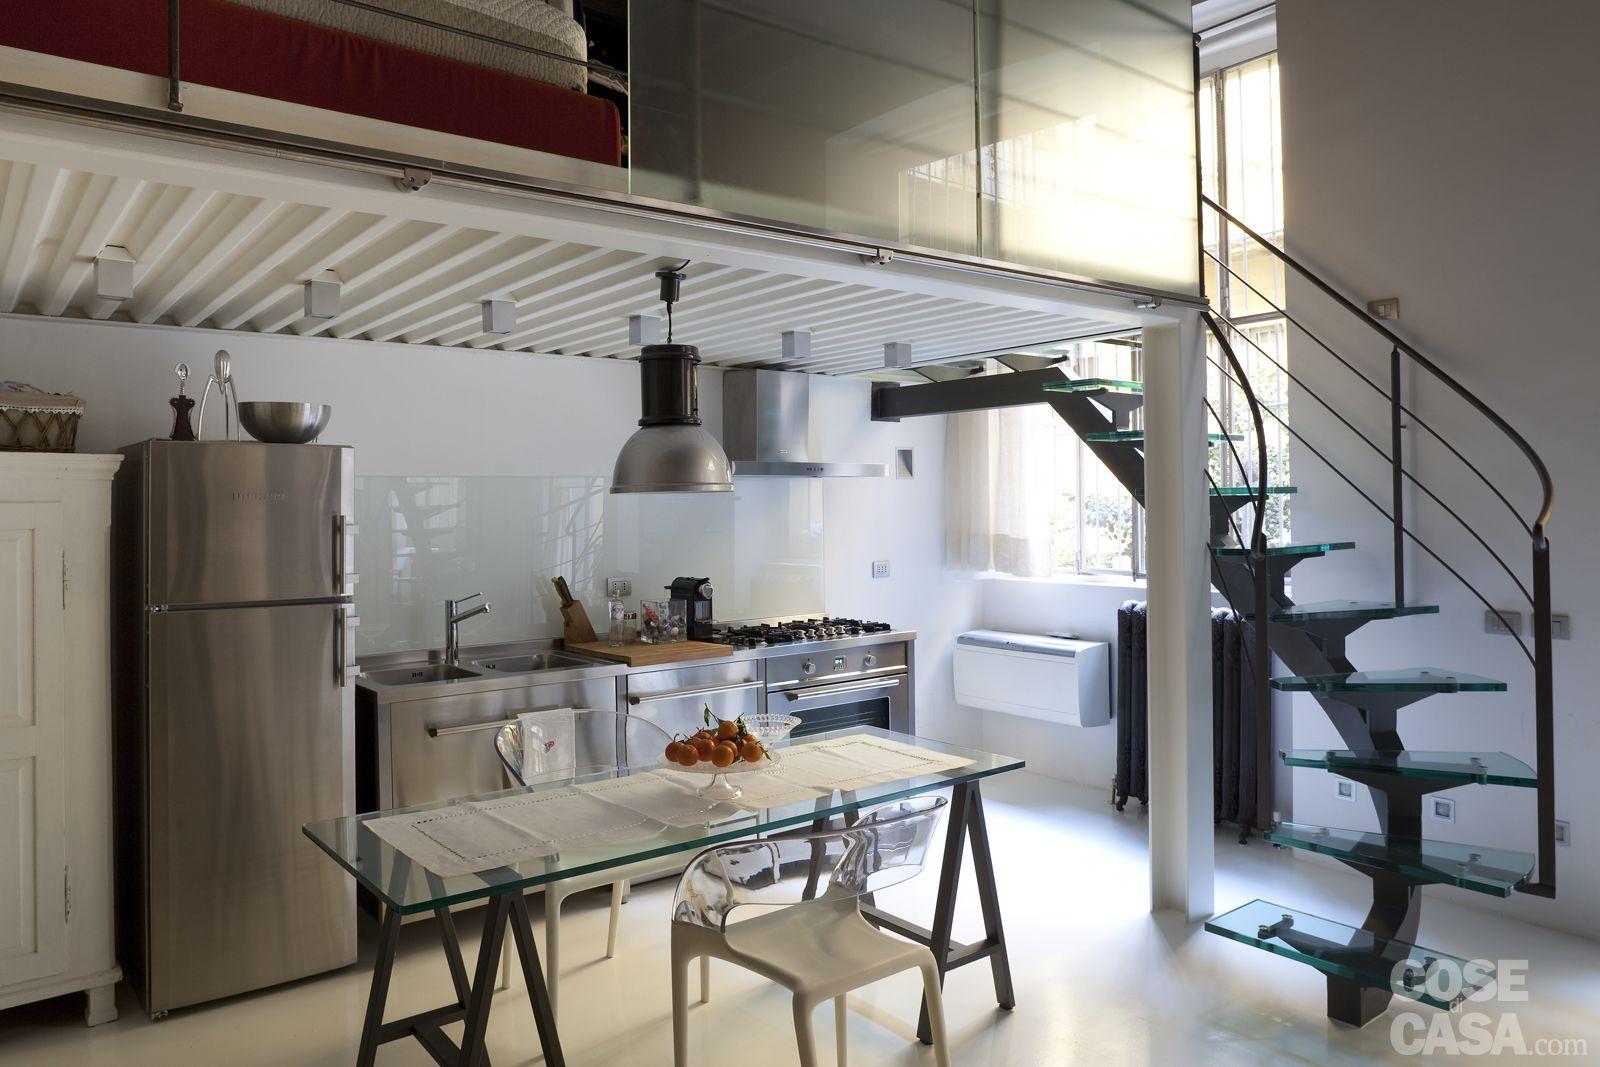 Mansarde soppalcate architettura cerca con google - Cucine vitali prezzi ...